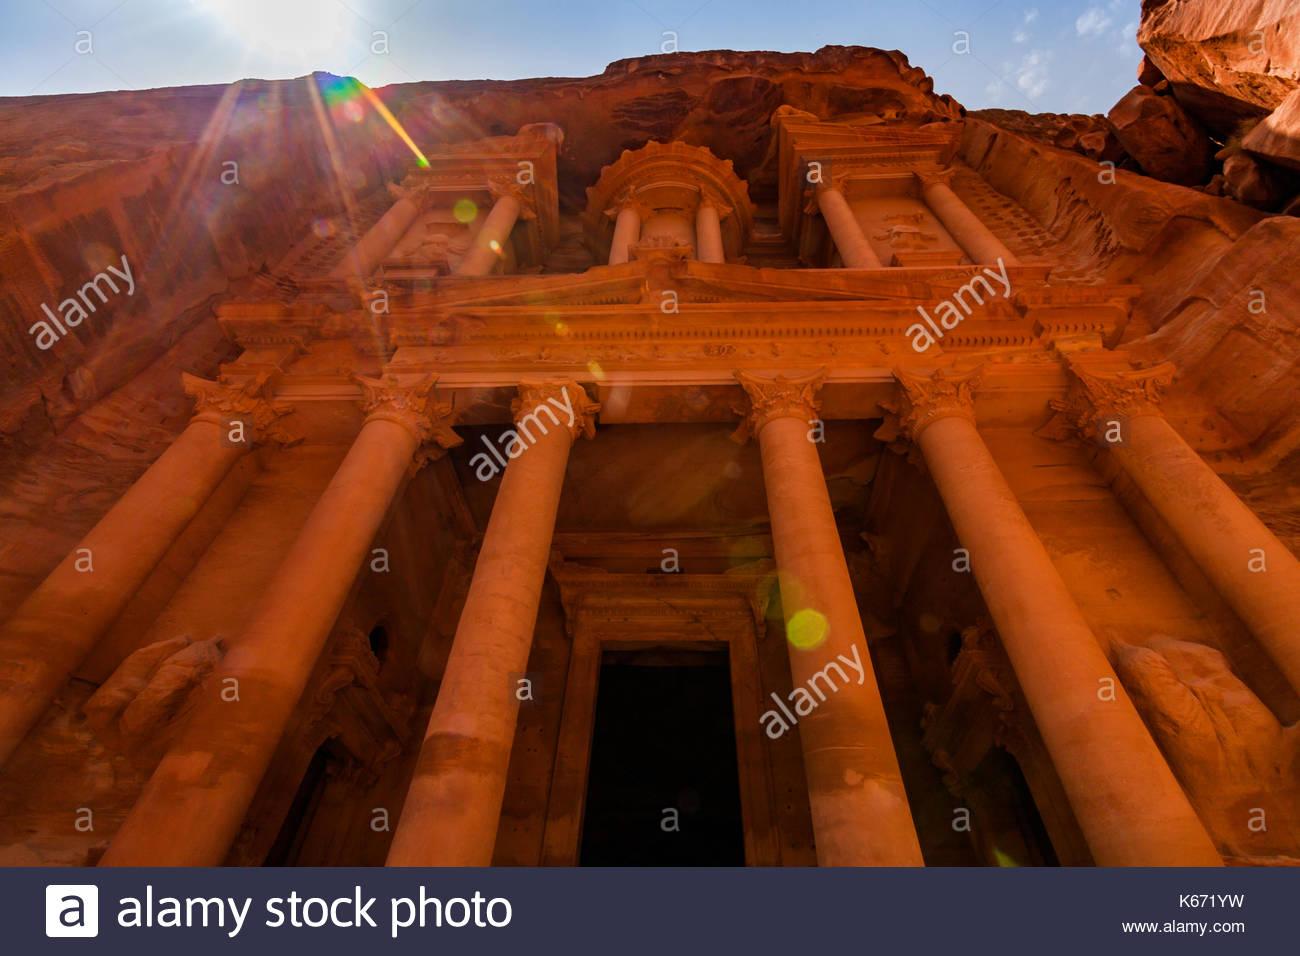 Al khazneh - le conseil du trésor, l'ancienne cité de Pétra, en Jordanie. Photo Stock